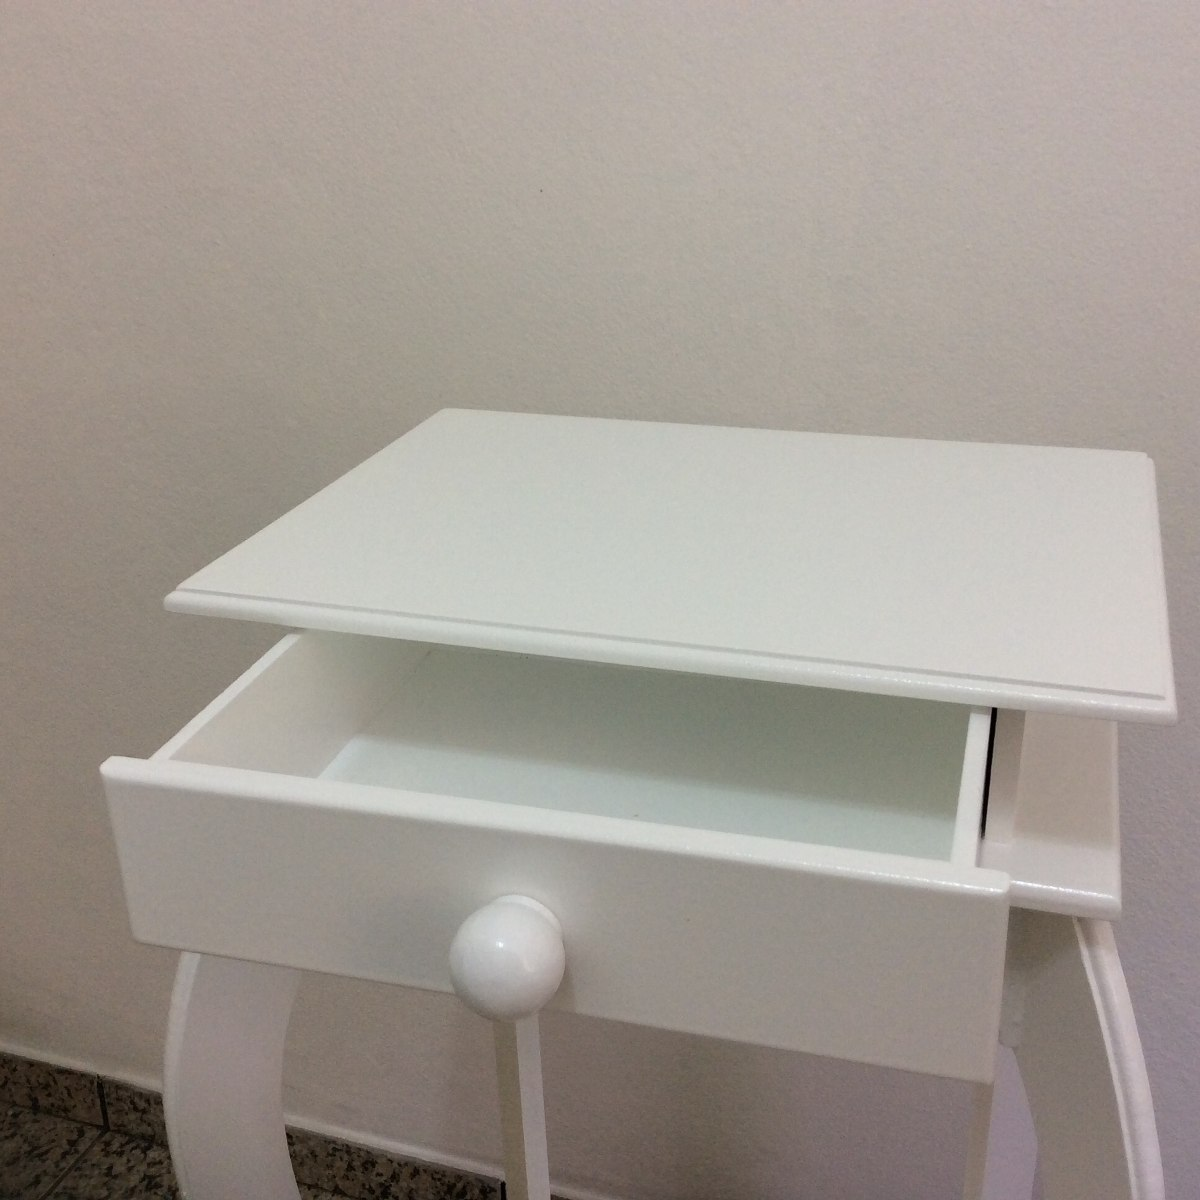 Armario Giratorio Definicion ~ Criado Mudo Aparador Provençal Mdf 1gaveta branco R$ 179